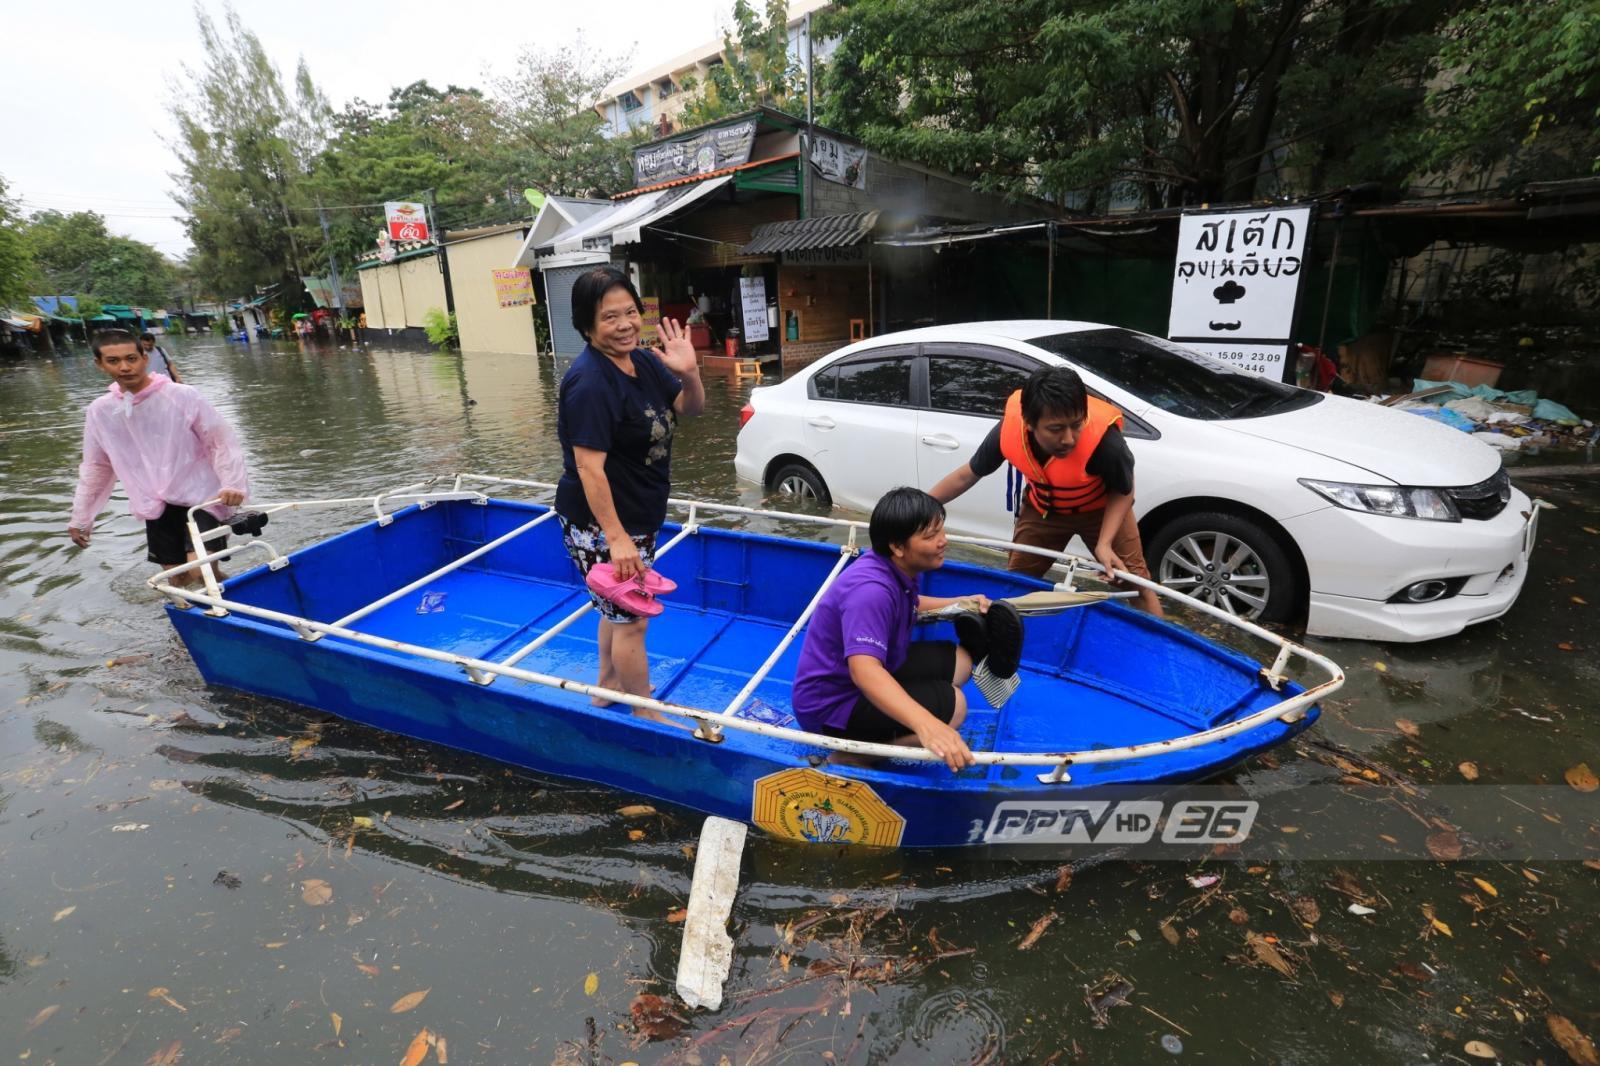 แฟลตคลองจั่นน้ำท่วมหนักหลังฝนตก-รถติดทั่ว กทม.